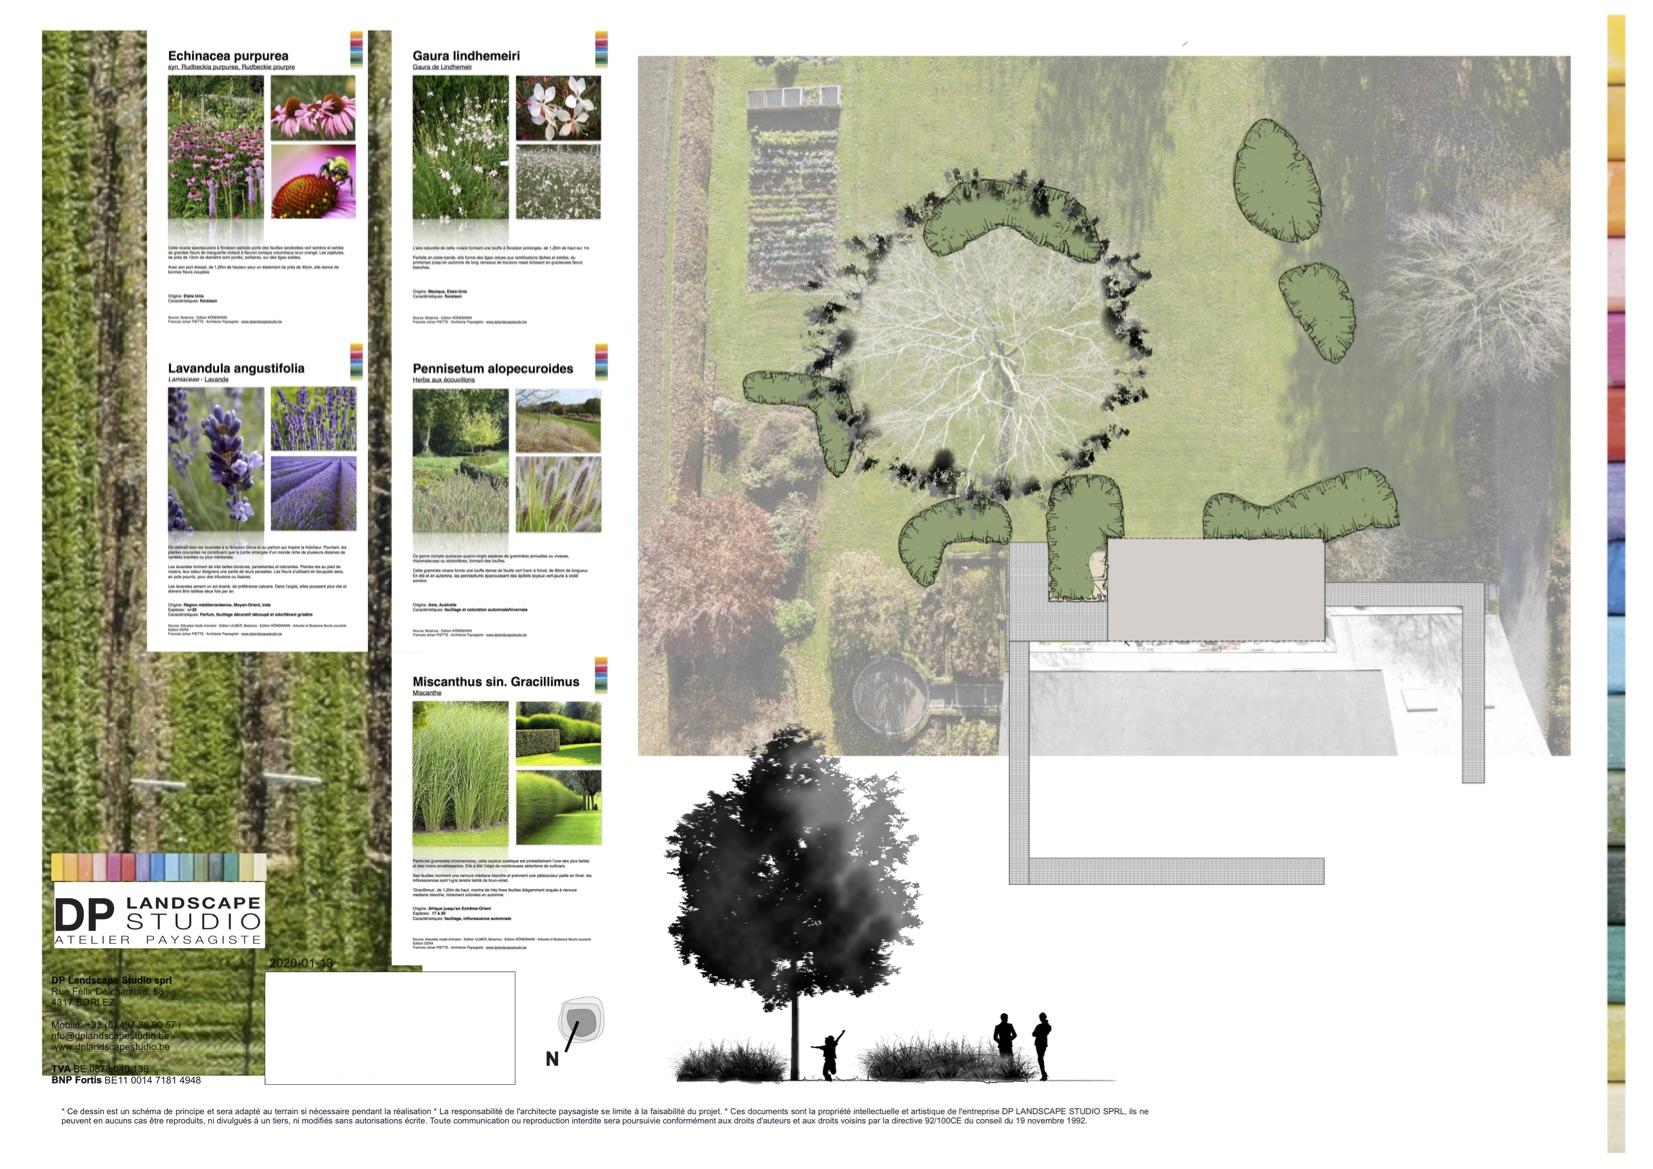 DP Landscape Studio francois piette architecte de jardins plan de jardins aménagements extérieurs fa